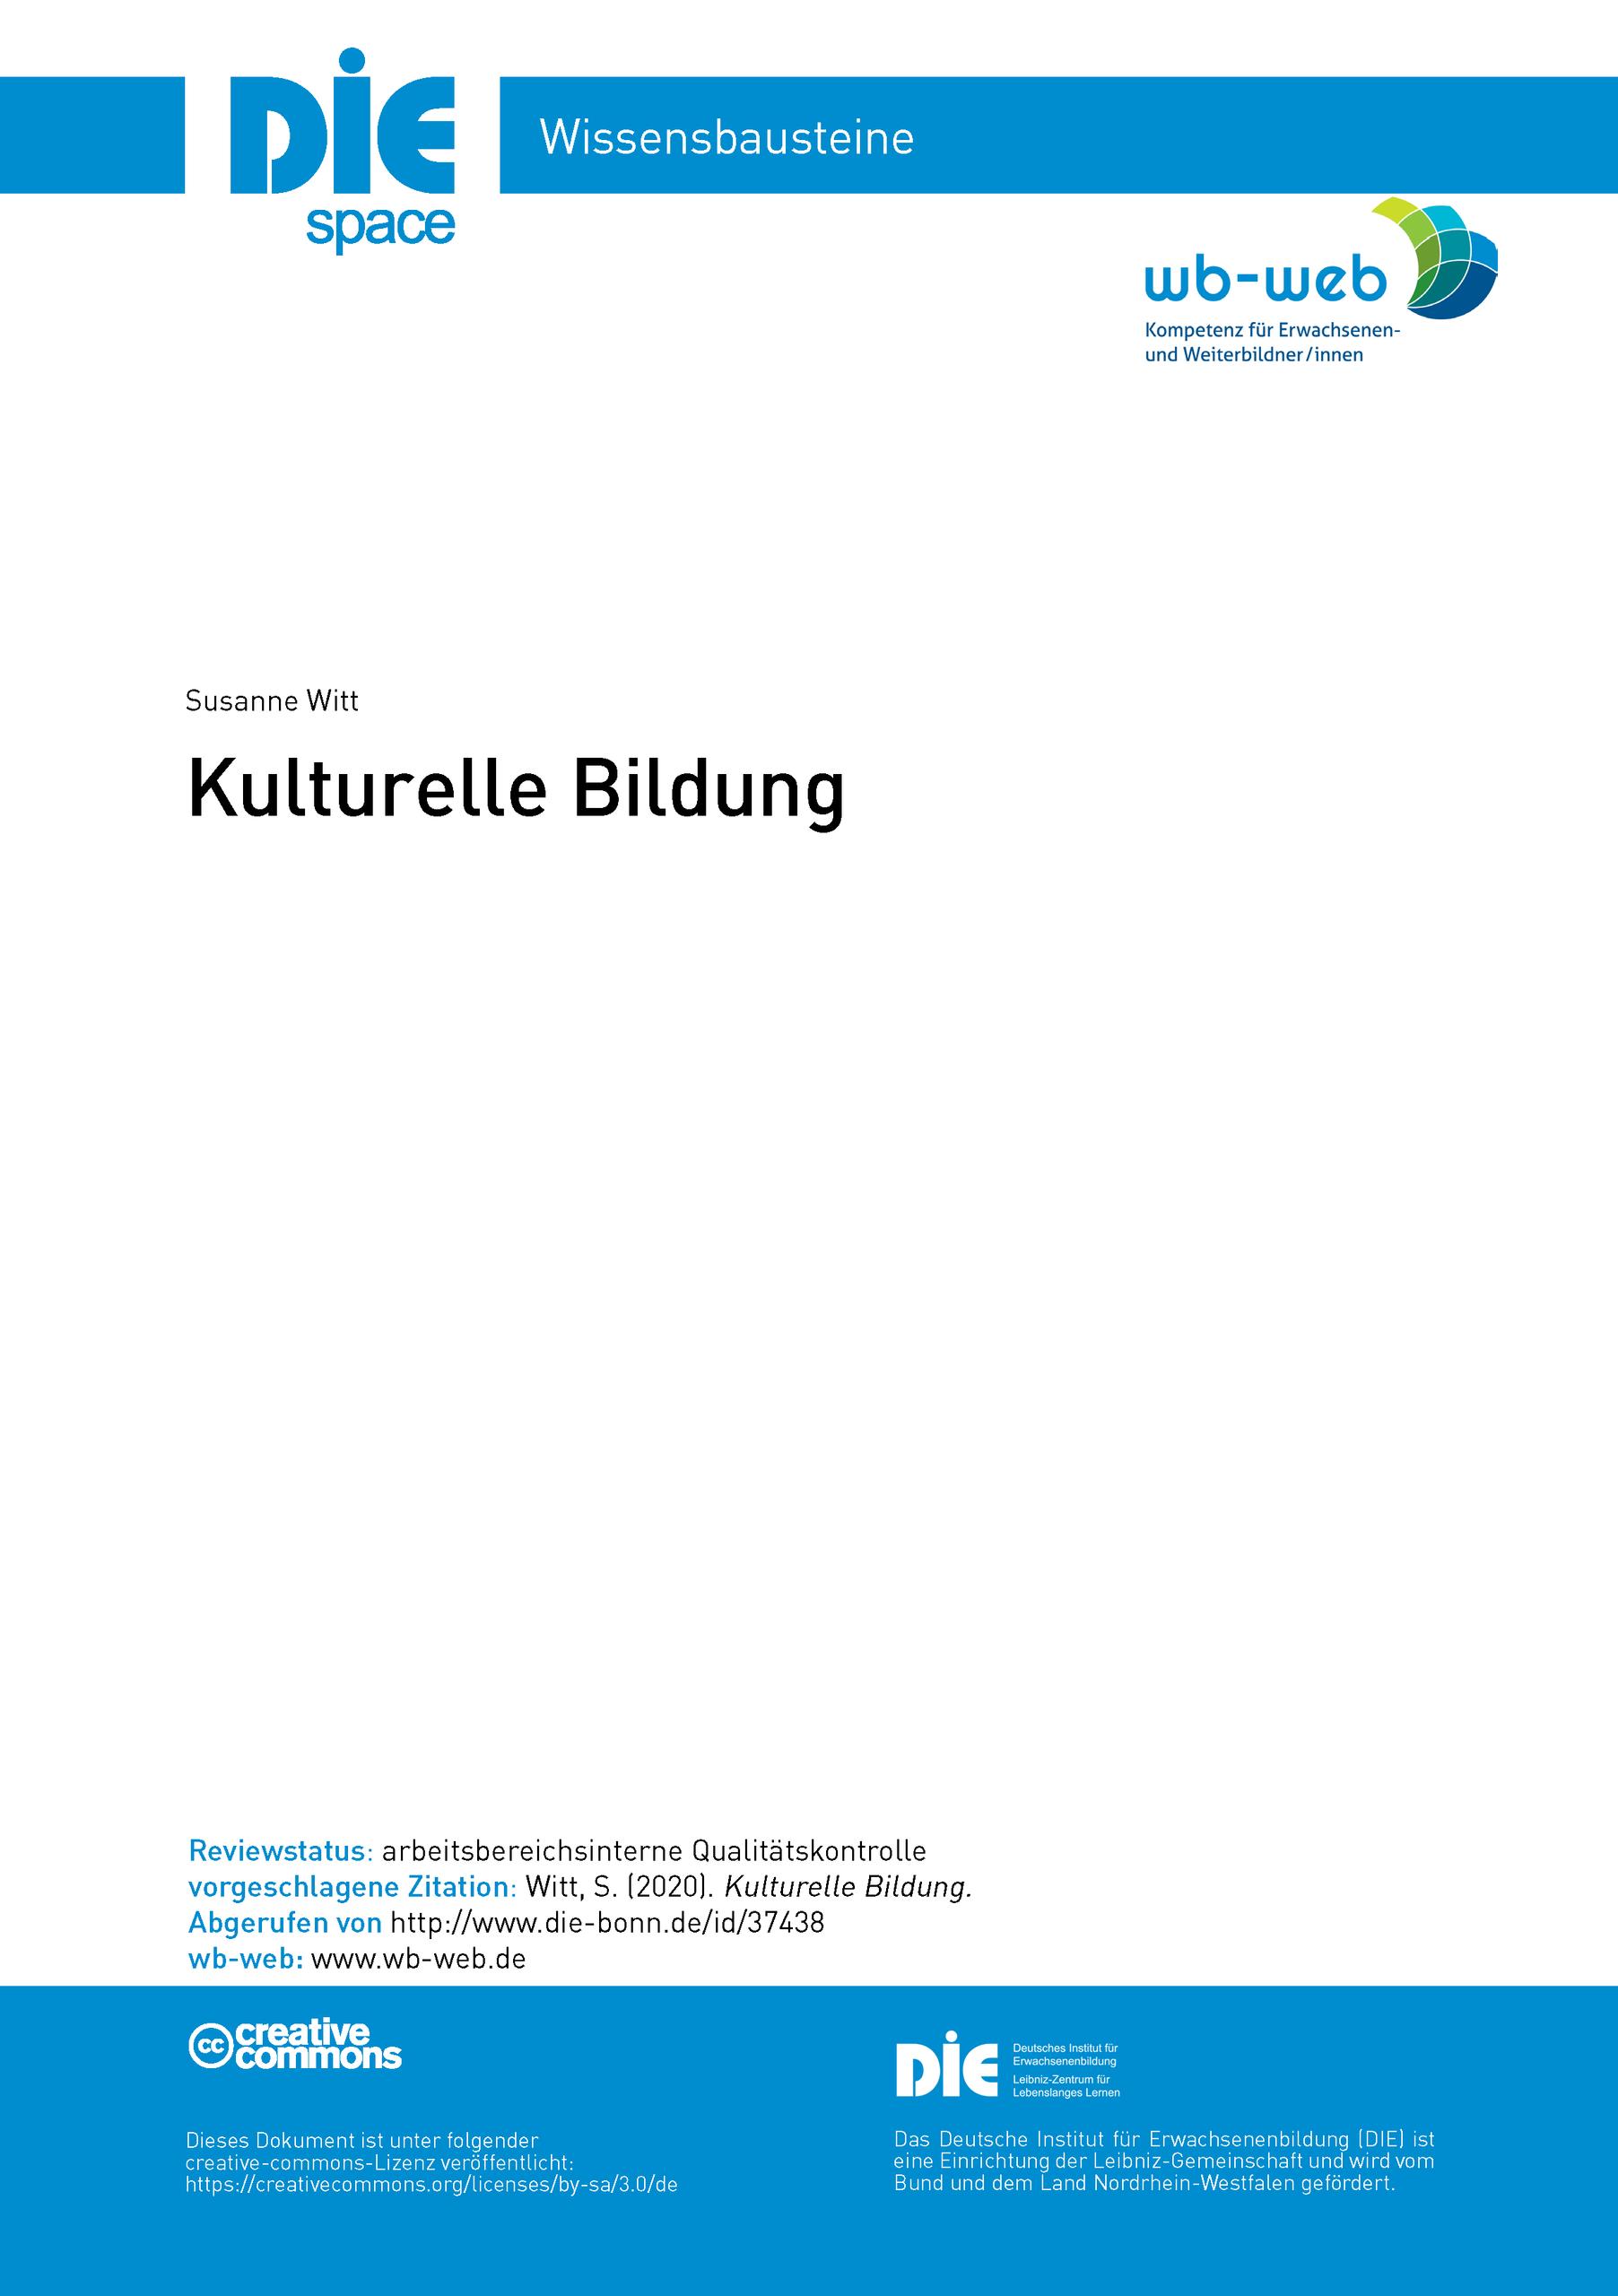 Titelblatt Wissensbaustein Kulturelle Bildung